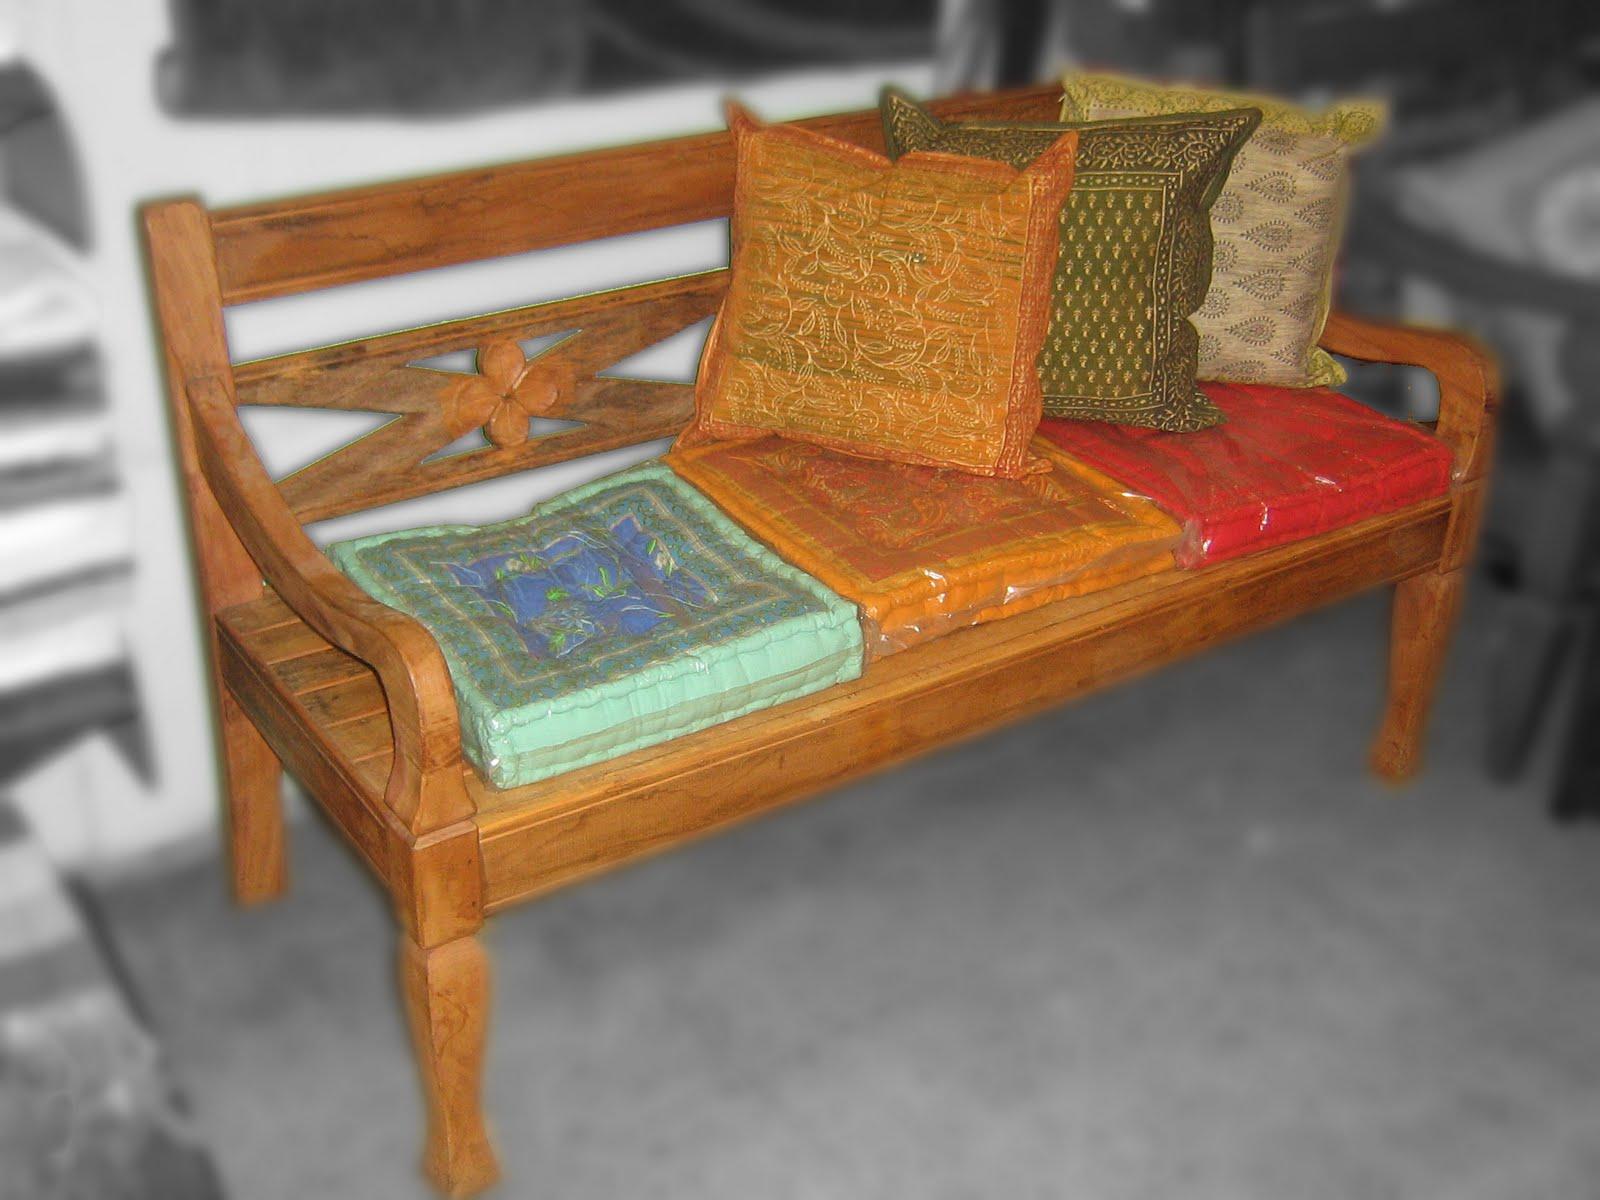 Banco de madeira de demolição hehe e mais almofadas indianas! #A92D22 1600x1200